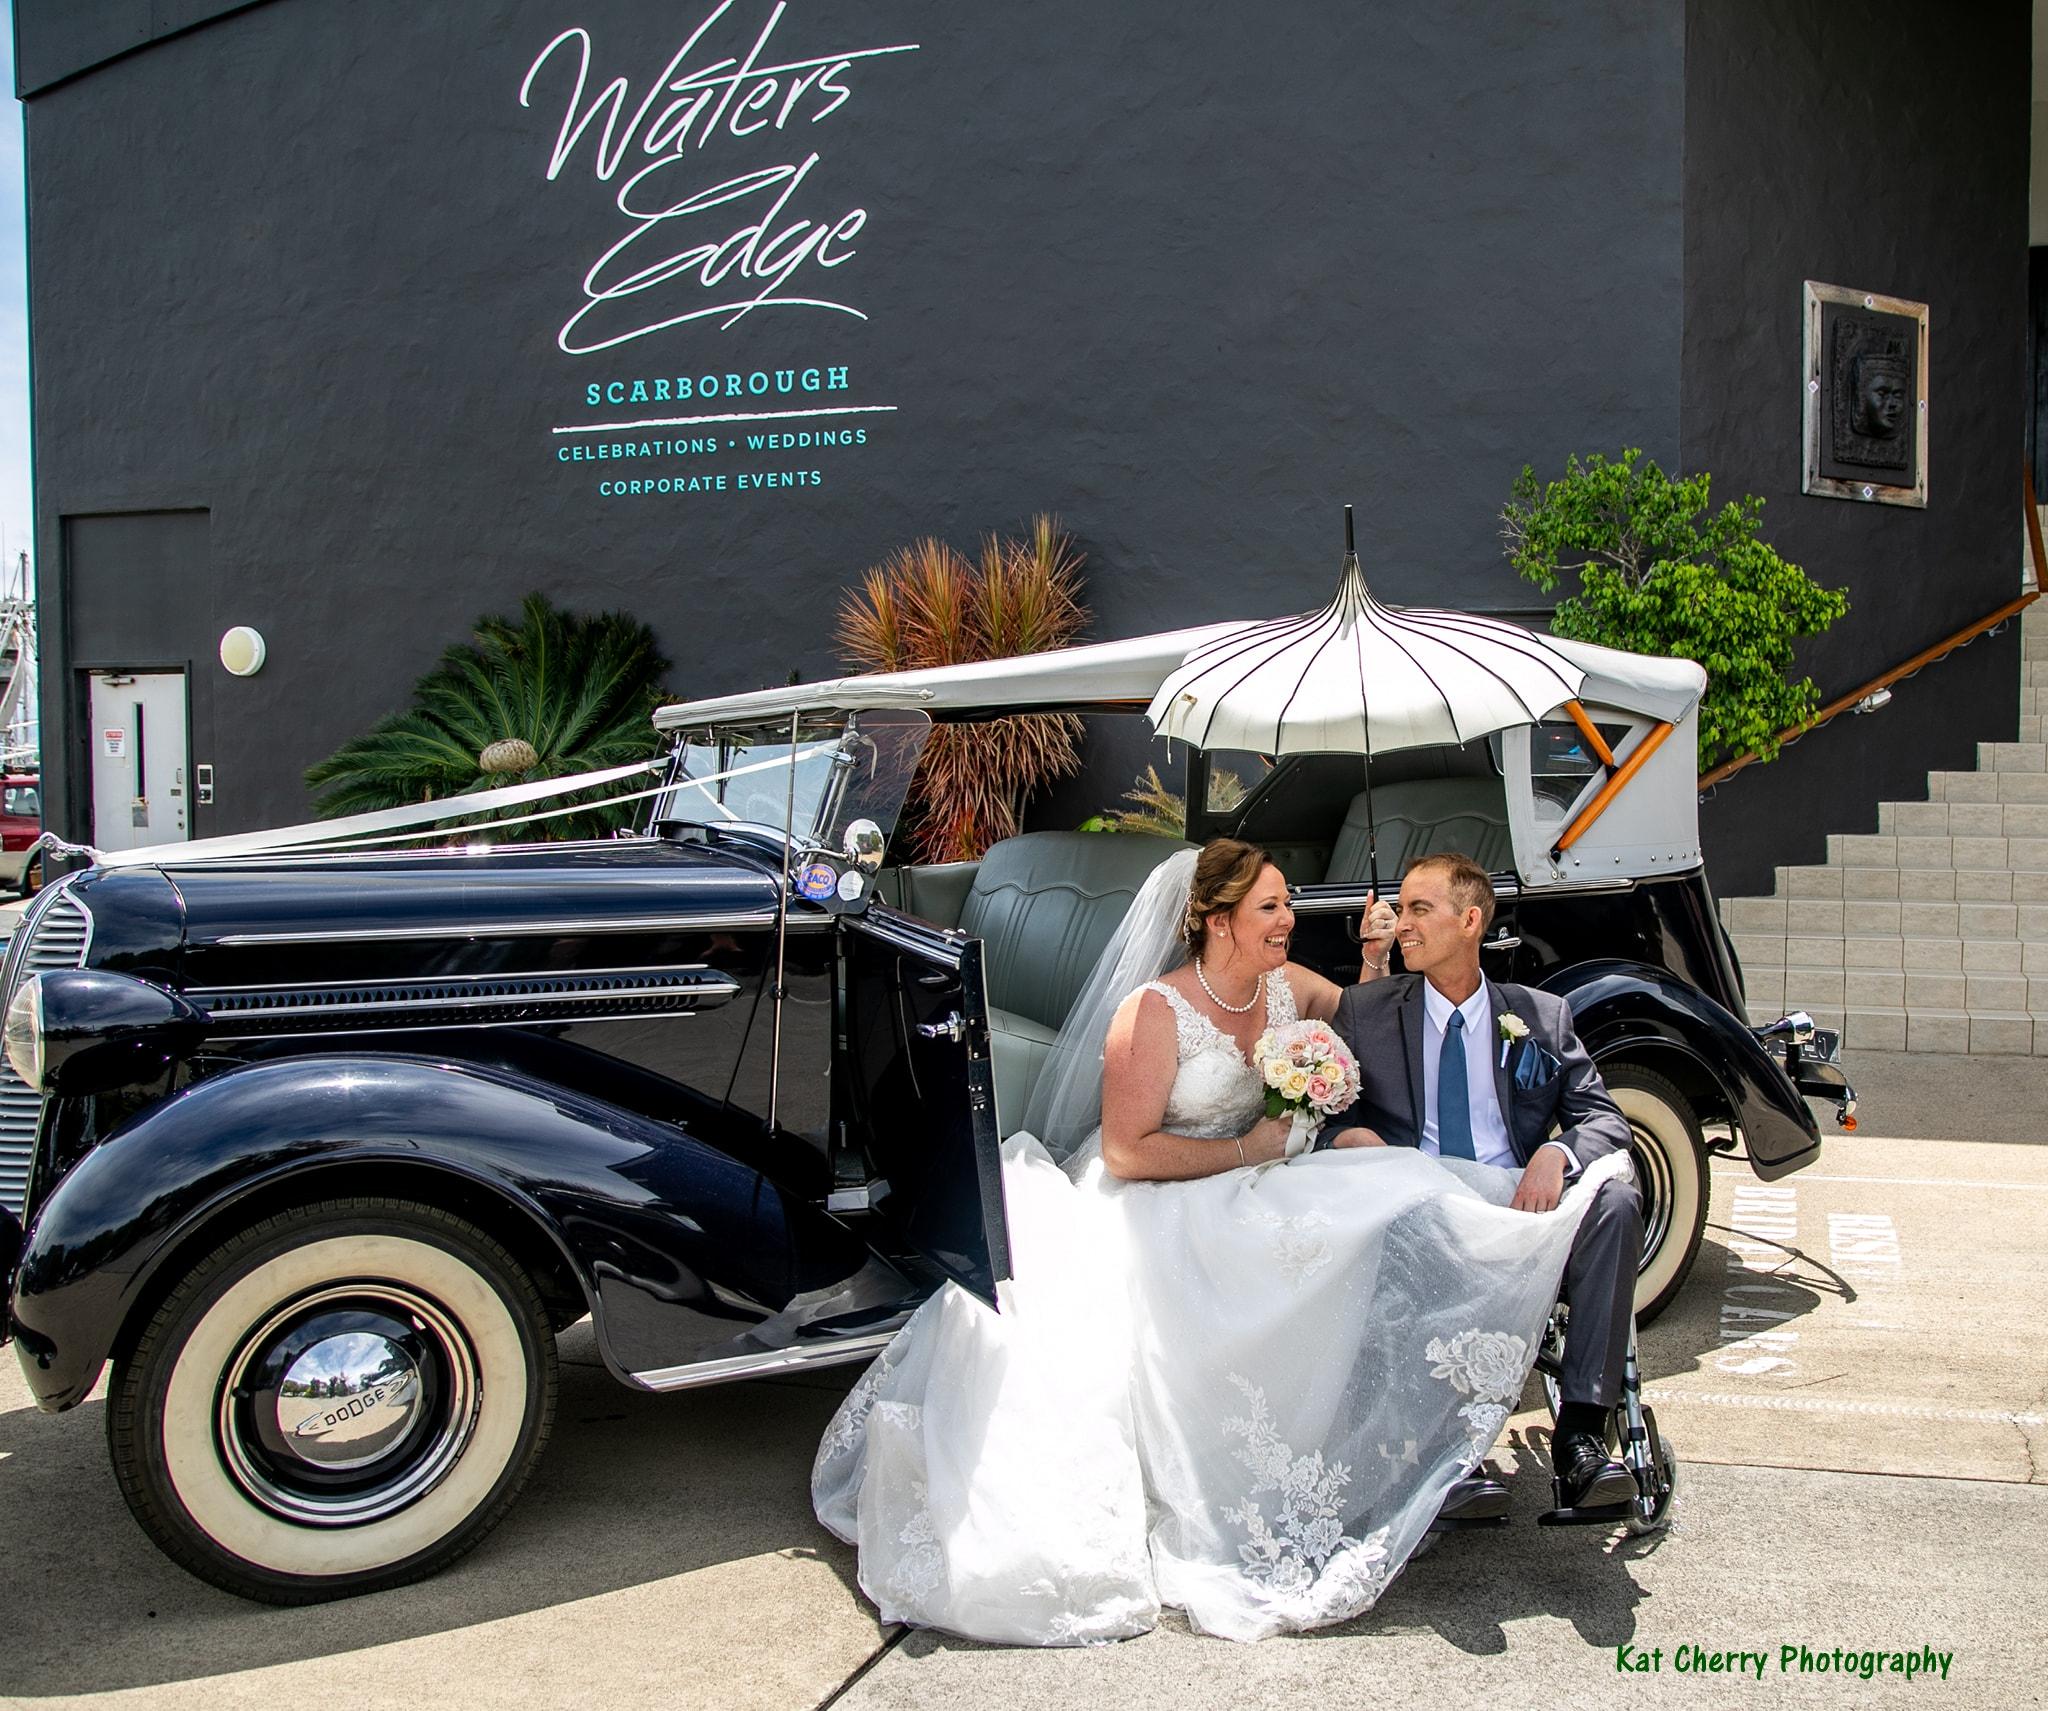 My Wedding Wish Roaring Twenties Vintage